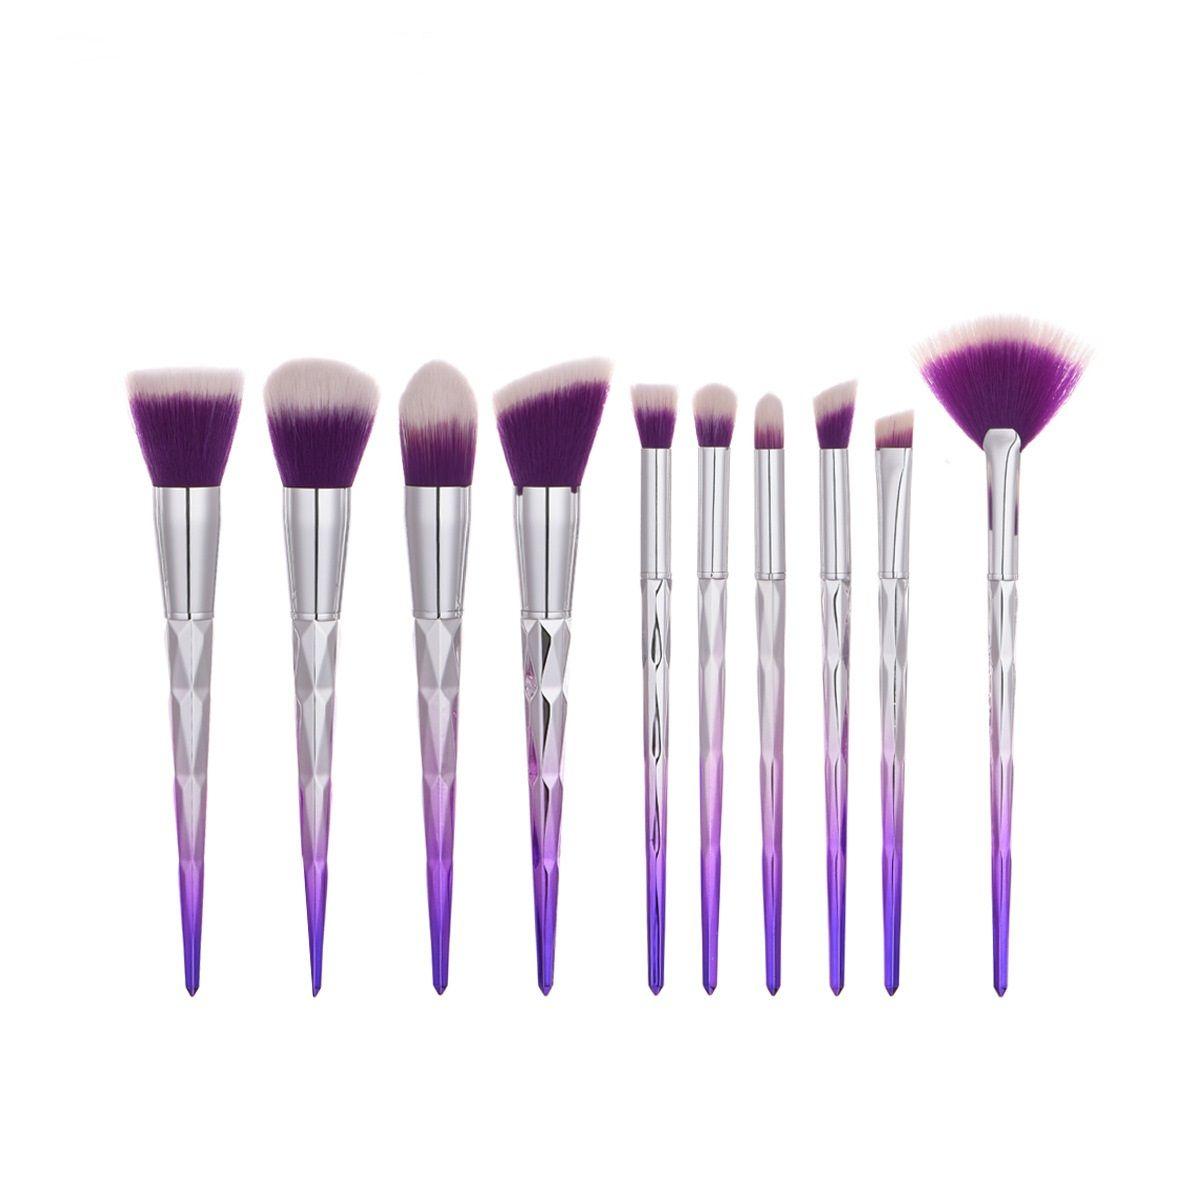 Pinceaux de maquillage sirène ensemble pinceaux de forme de diamant professionnel ombre à paupières fard à joues poudre fil mélange de maquillage cosmétique forme de brosse à maïs kit